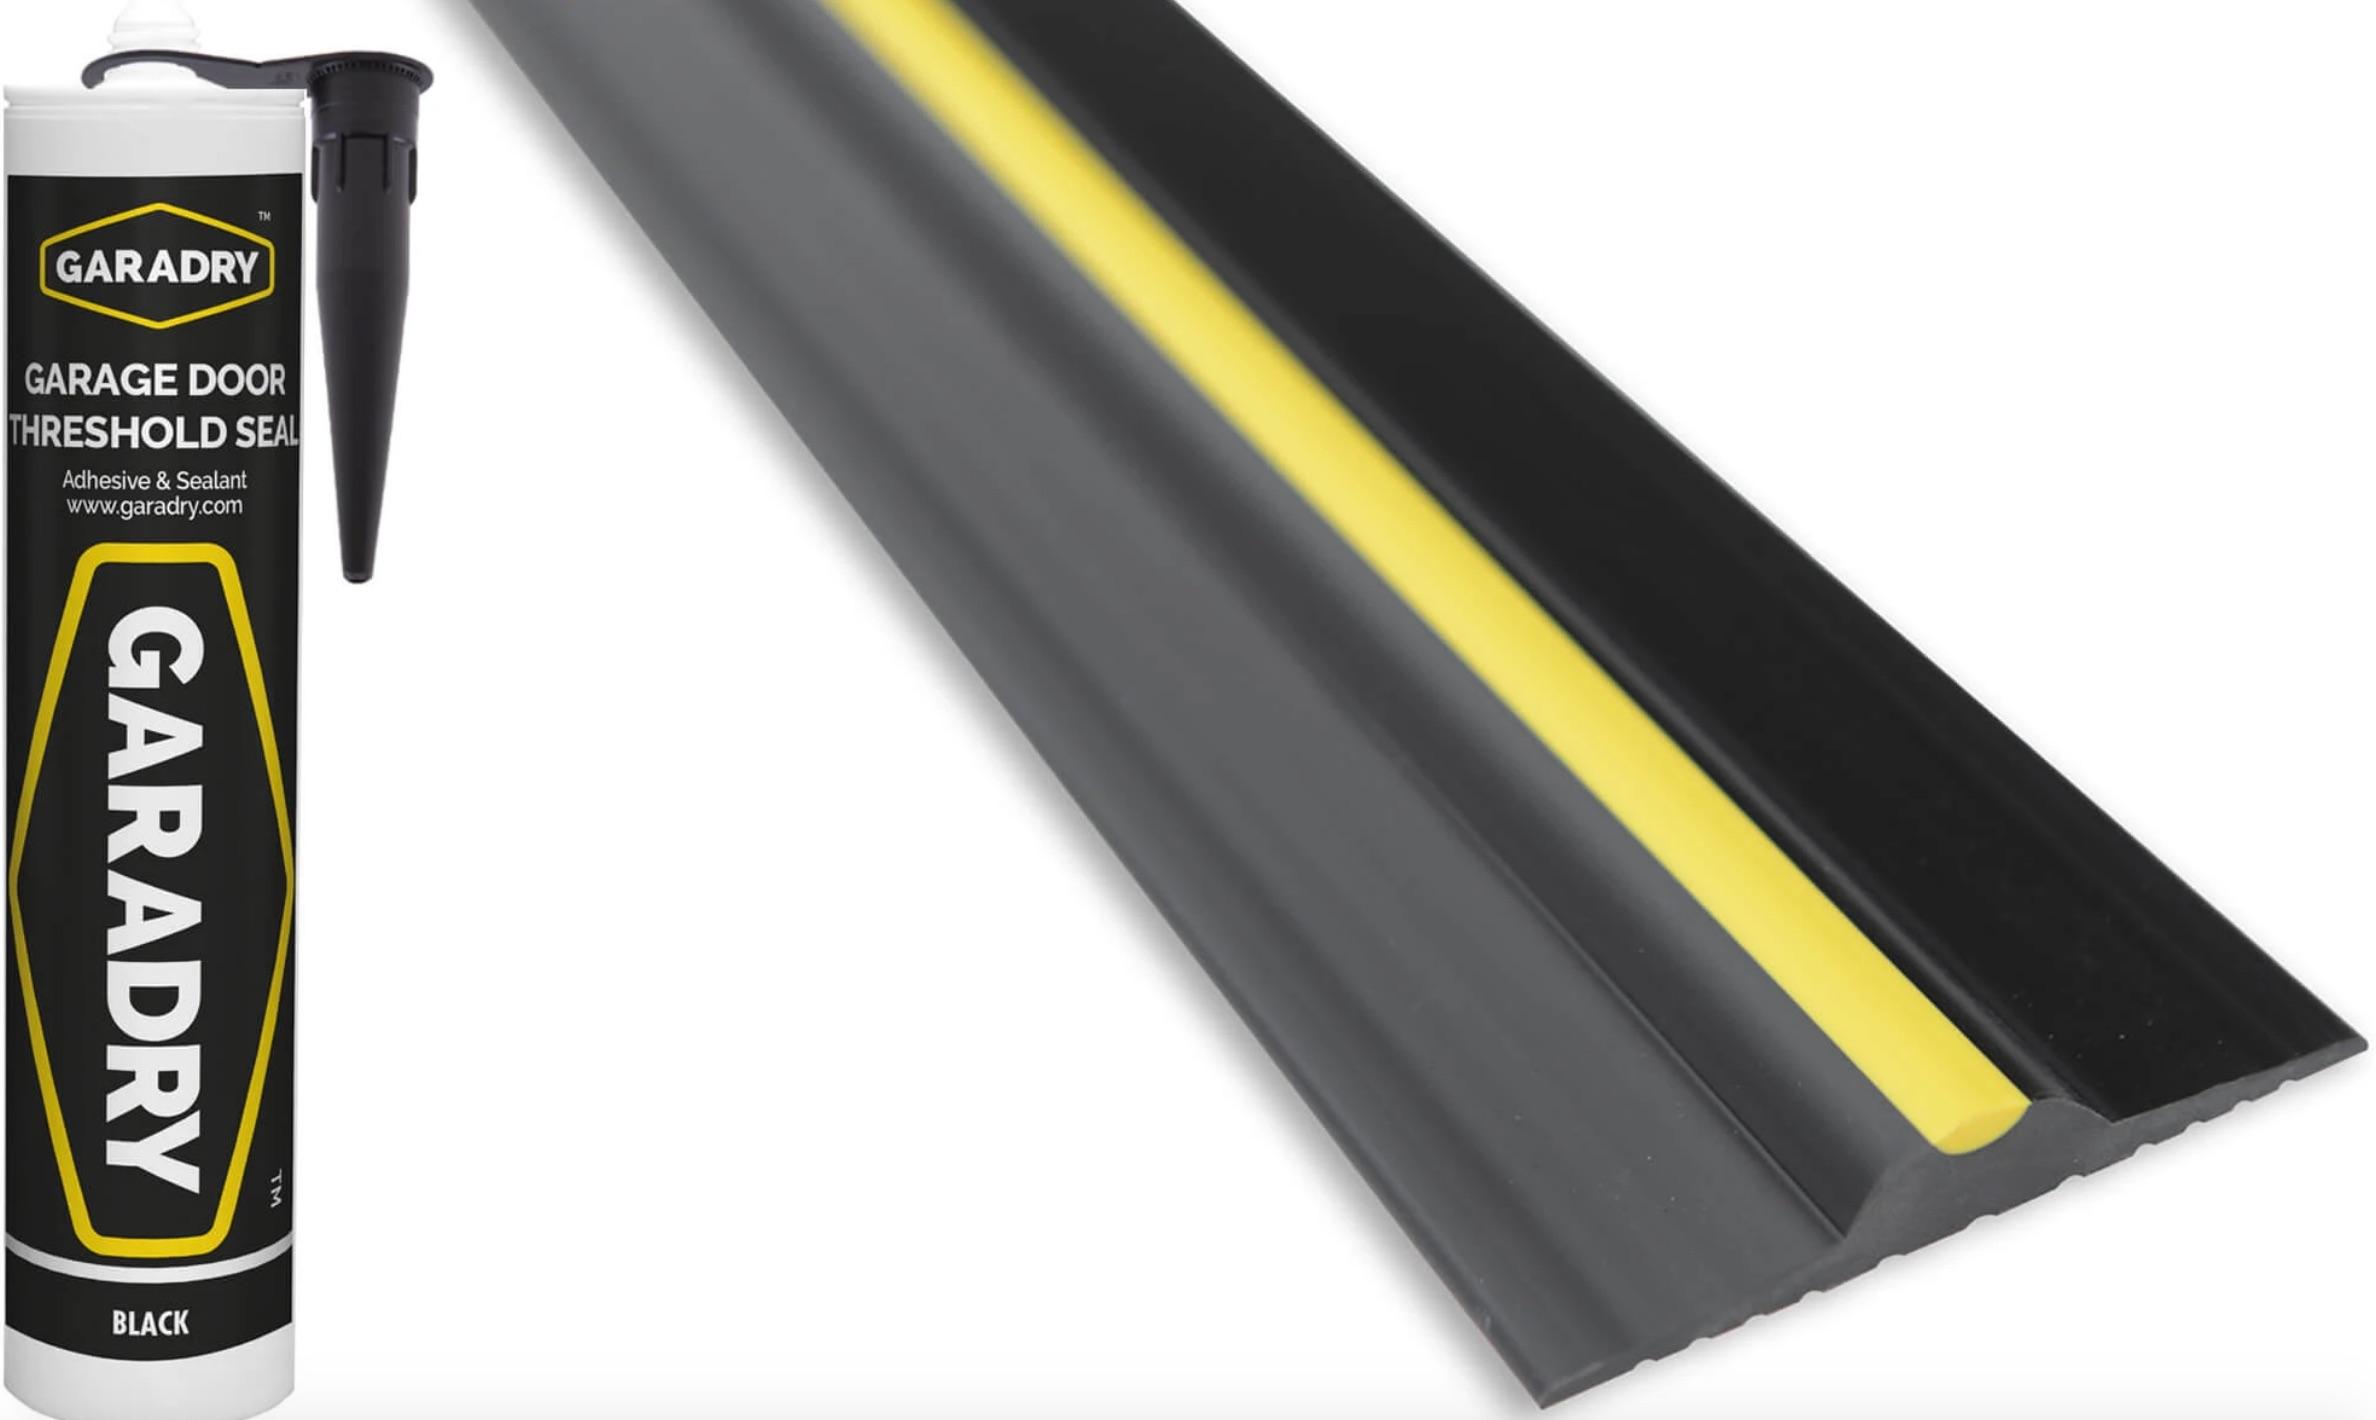 Garage Door Rubber Seal >> Garage Door Rubber Floor Seal 14'3 4.4m and Adhesive | Garage Door Spares, Garage Door Parts to ...